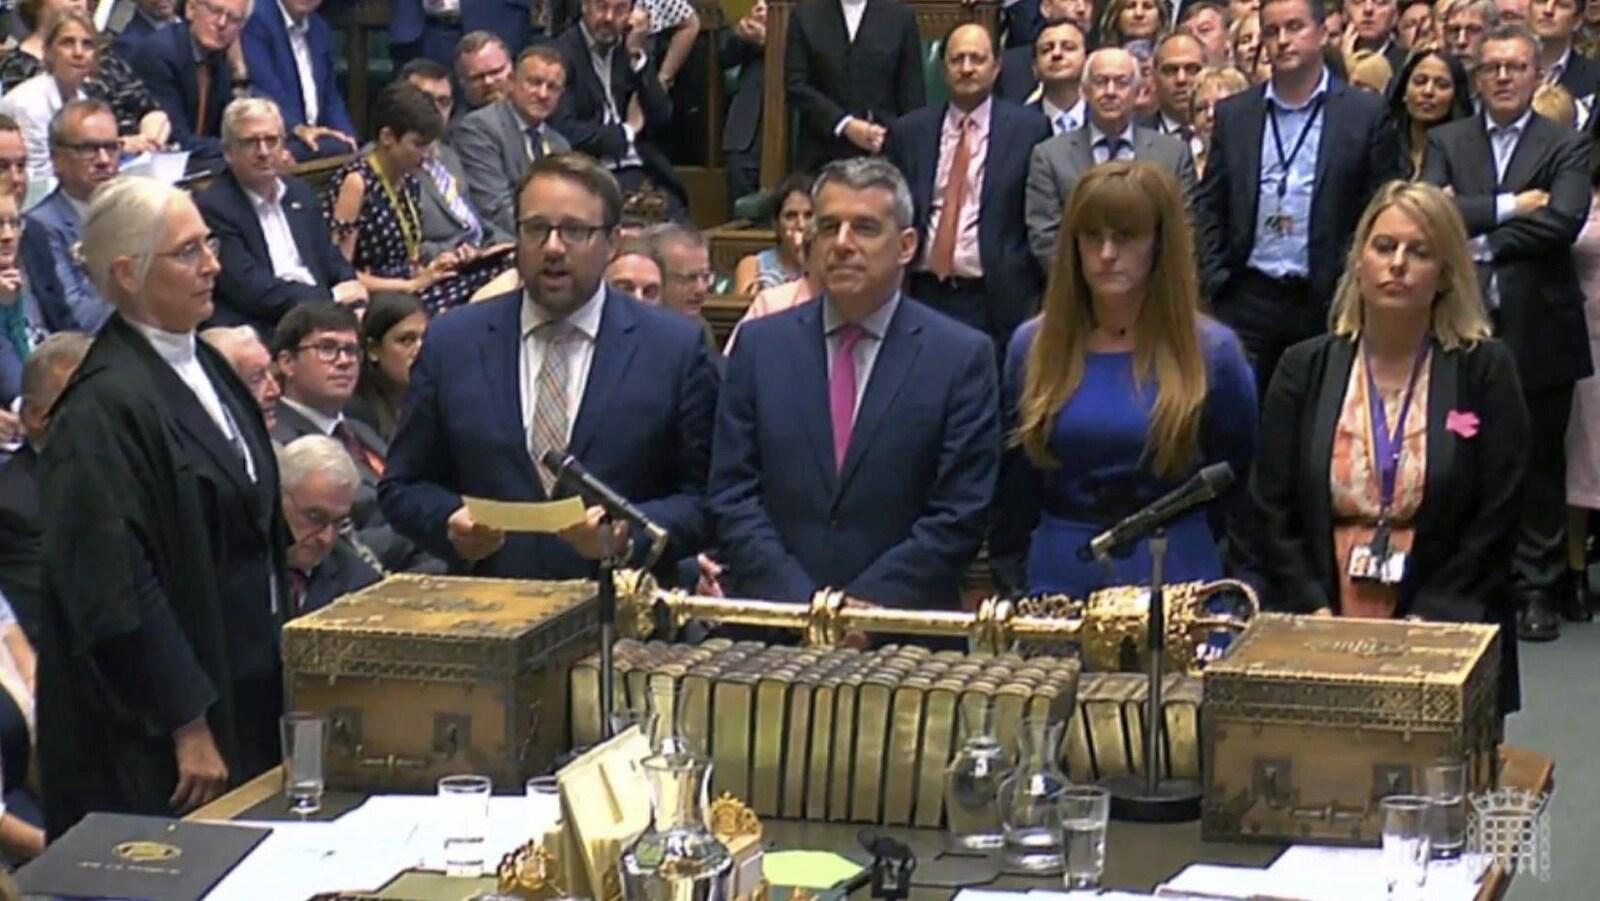 Les députés ont adopté par 317 voix, contre 286, un texte de loi qui prévoit de transformer les accords commerciaux entre l'UE et des pays tiers en accords bilatéraux entre ces pays tiers et la Grande-Bretagne.